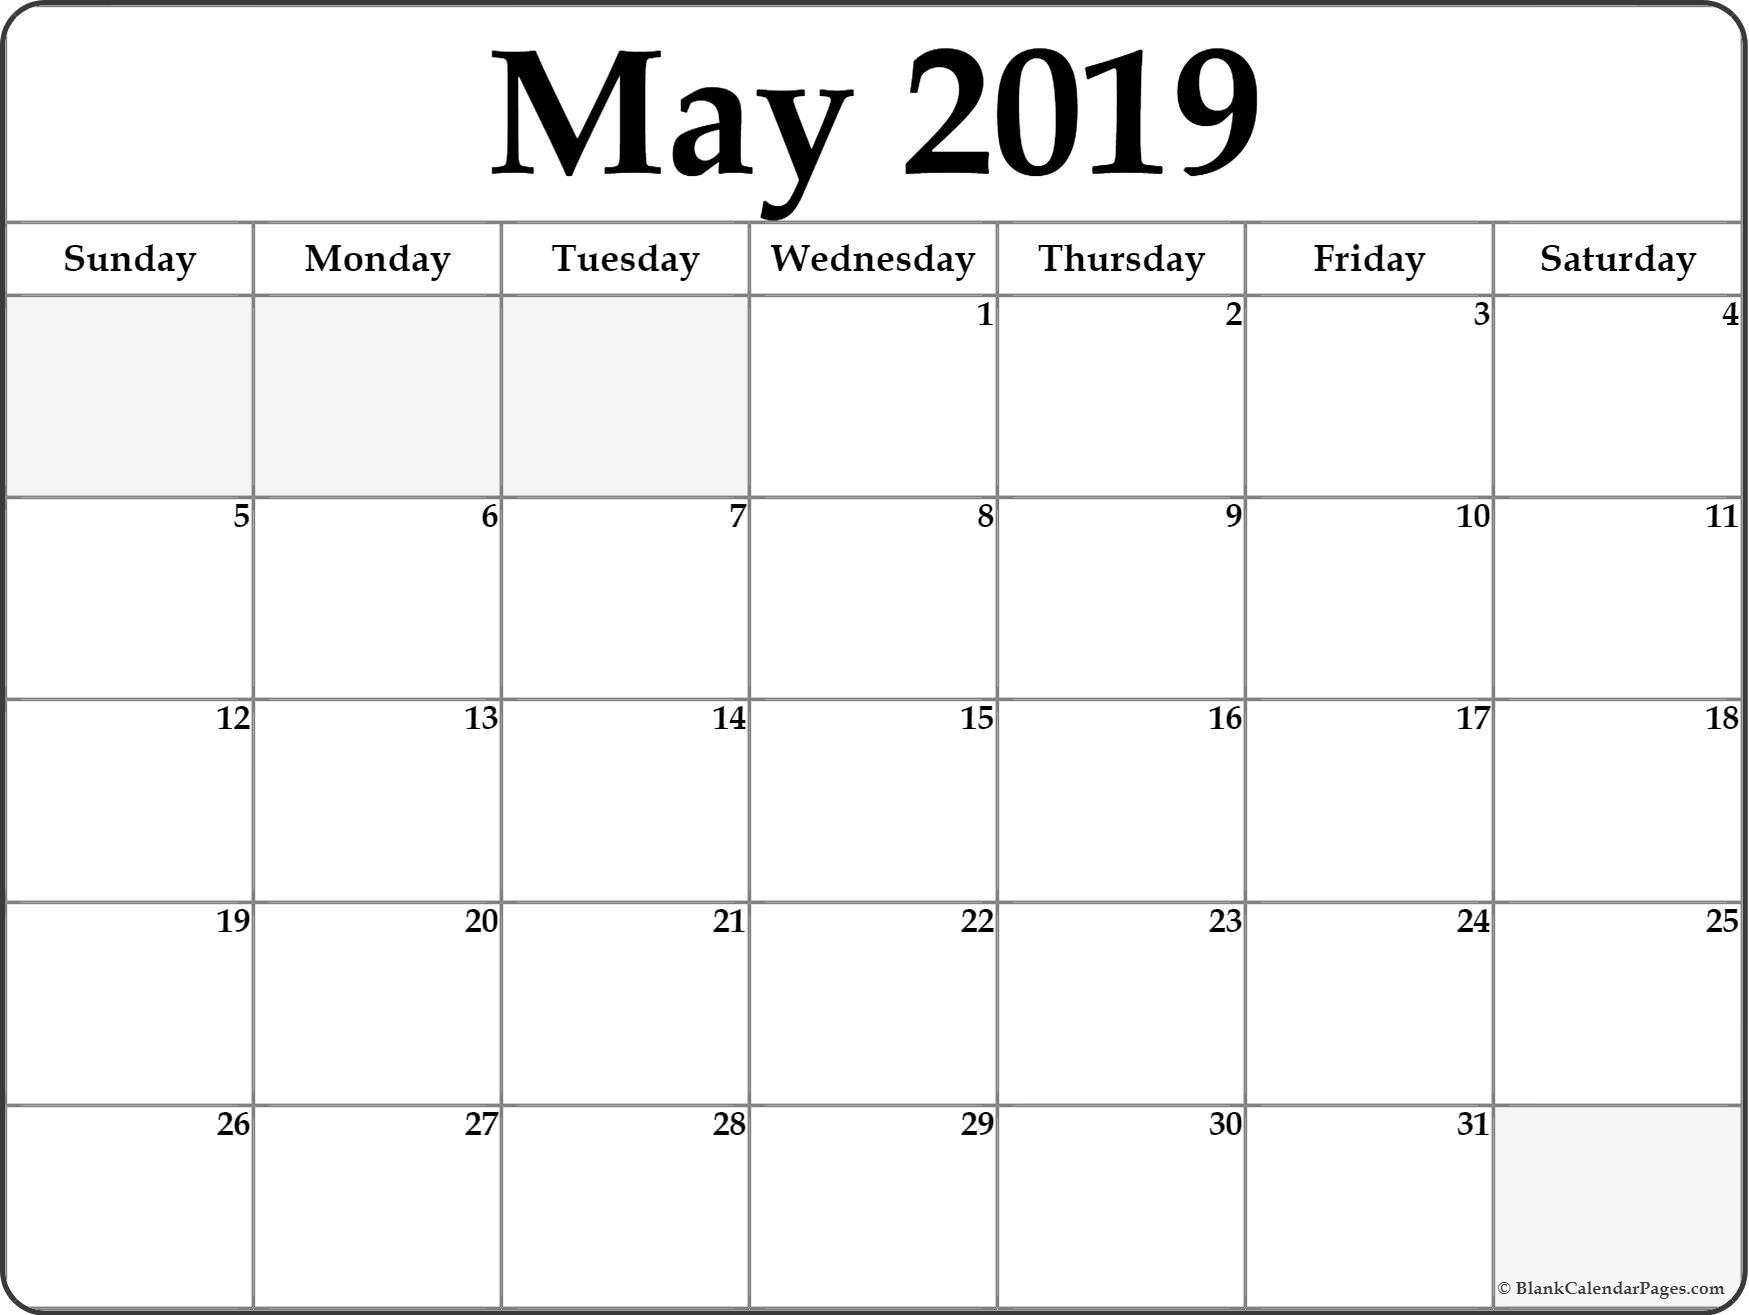 May 2019 Weekly Calendar Printable - Make A Week Wise